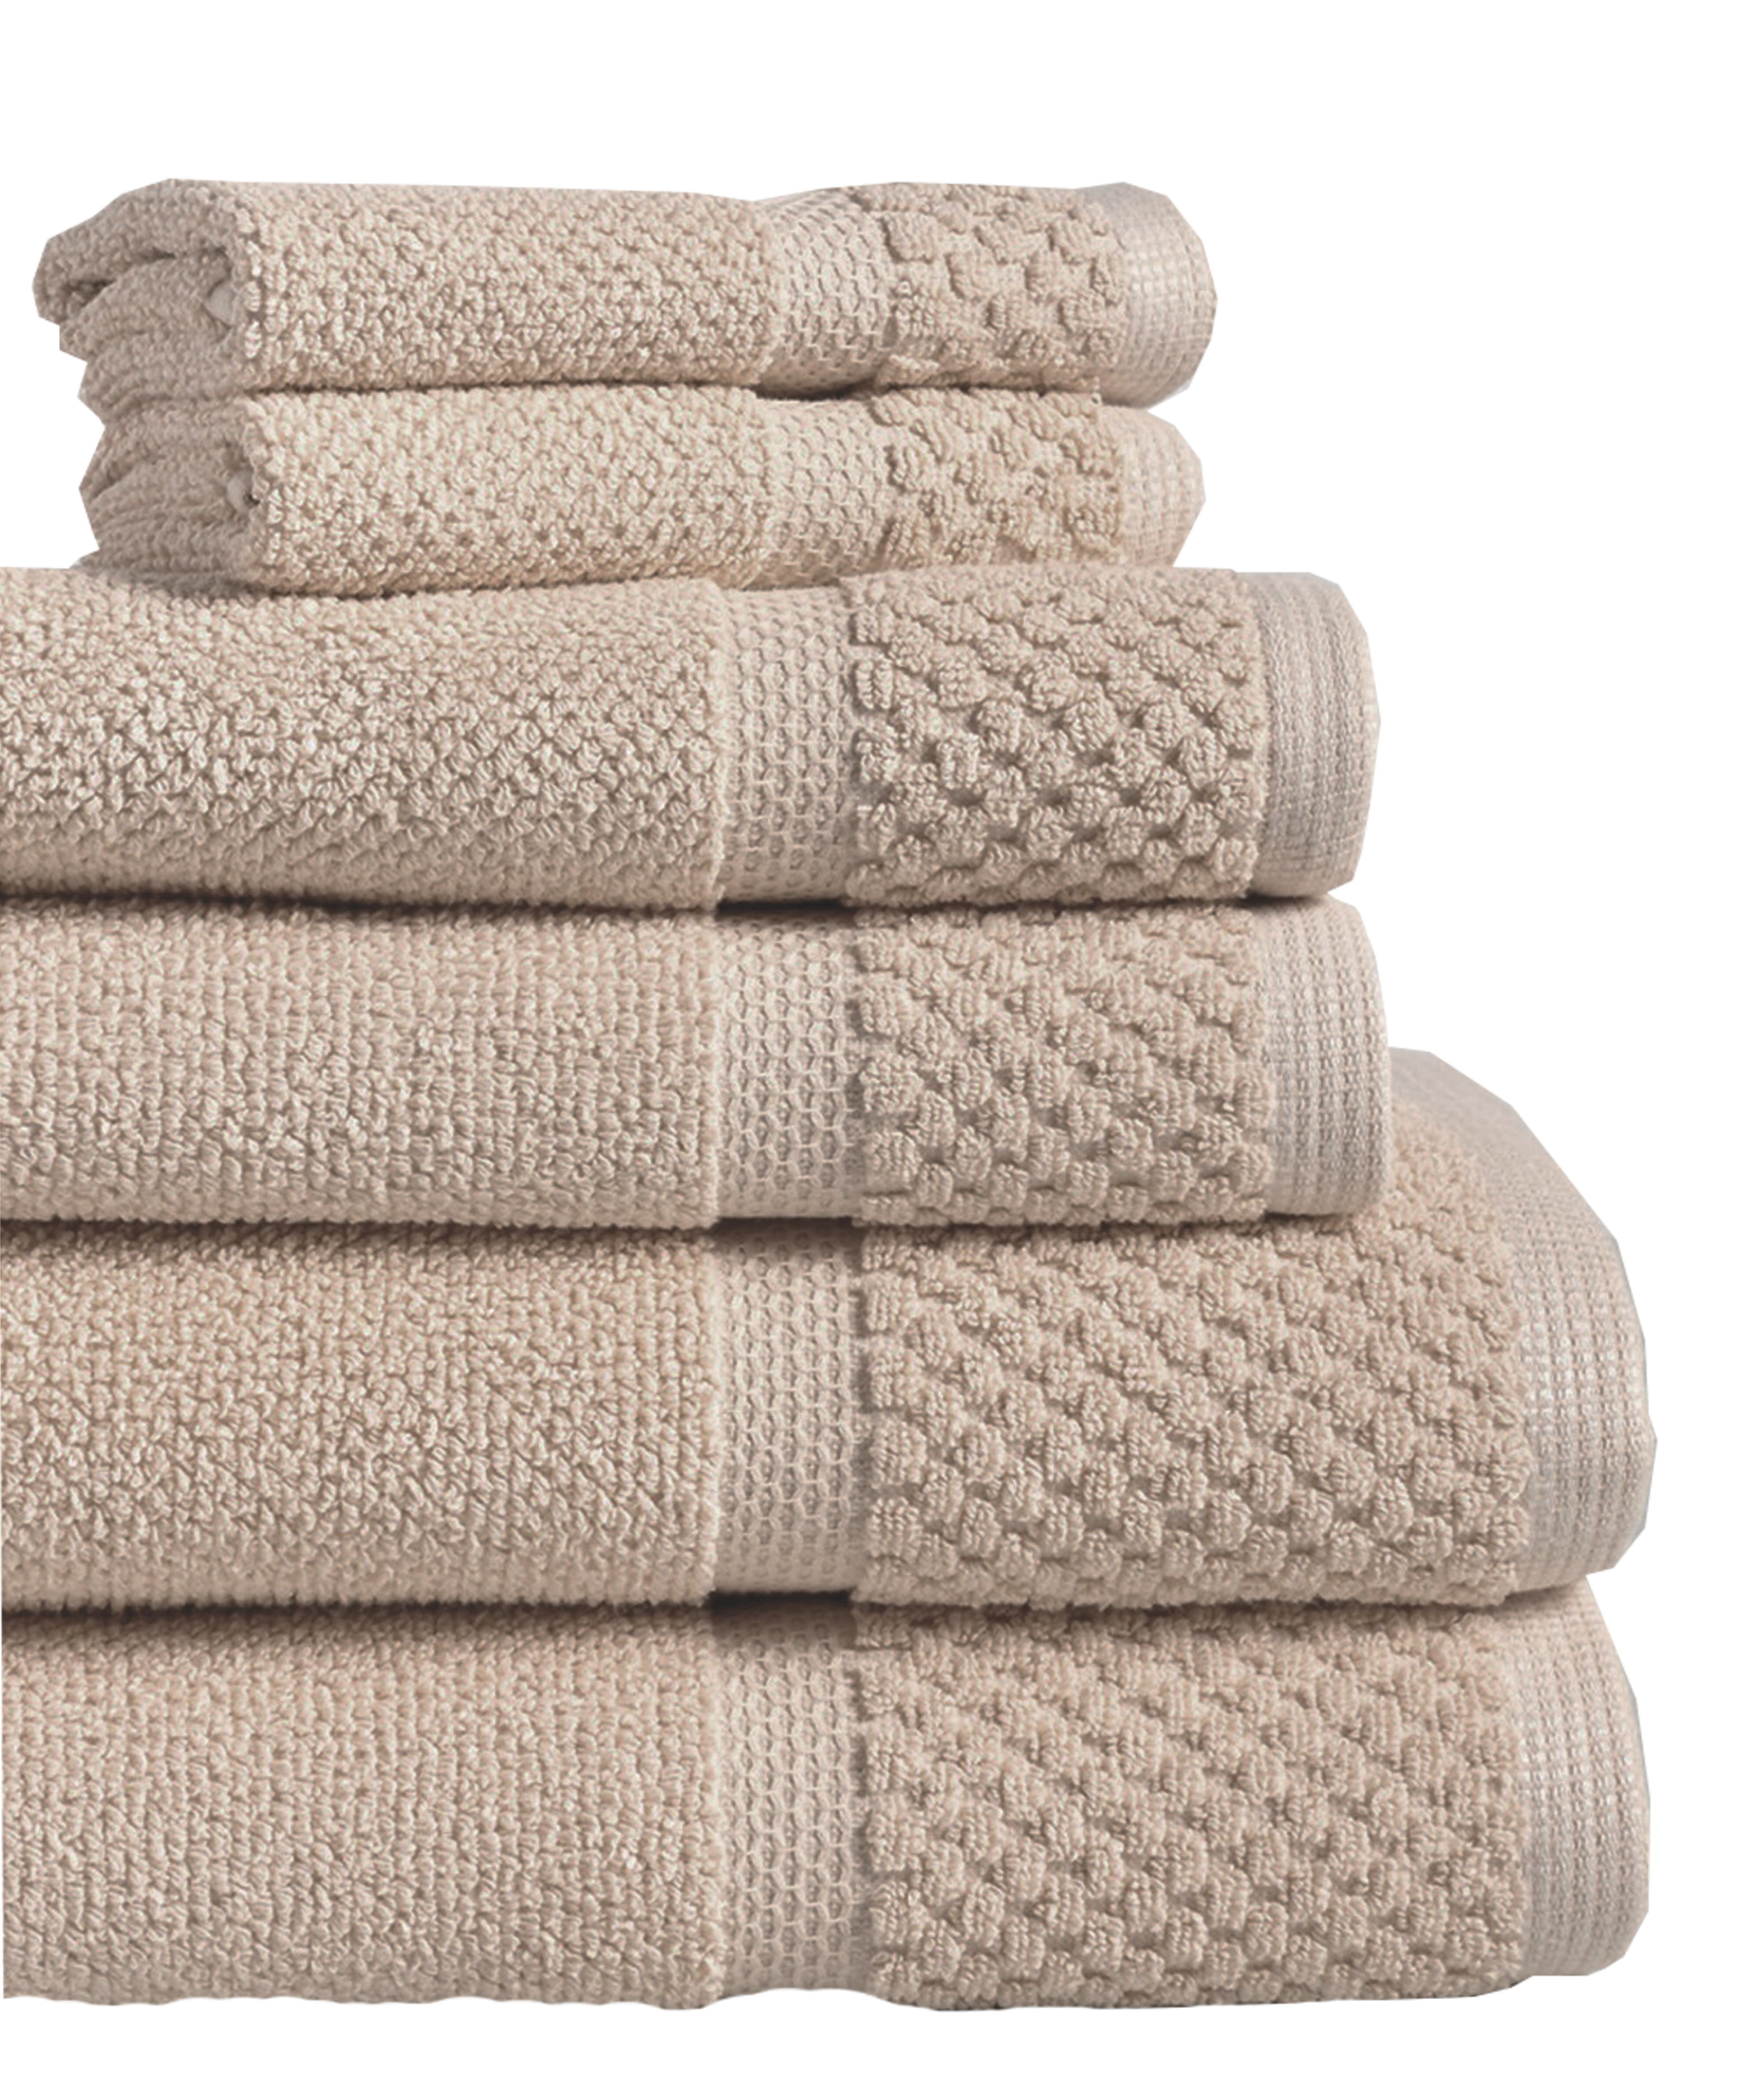 Diplomat 6-Piece 100% Cotton Bath Towel Set, Spa Blue by Lintex Linens